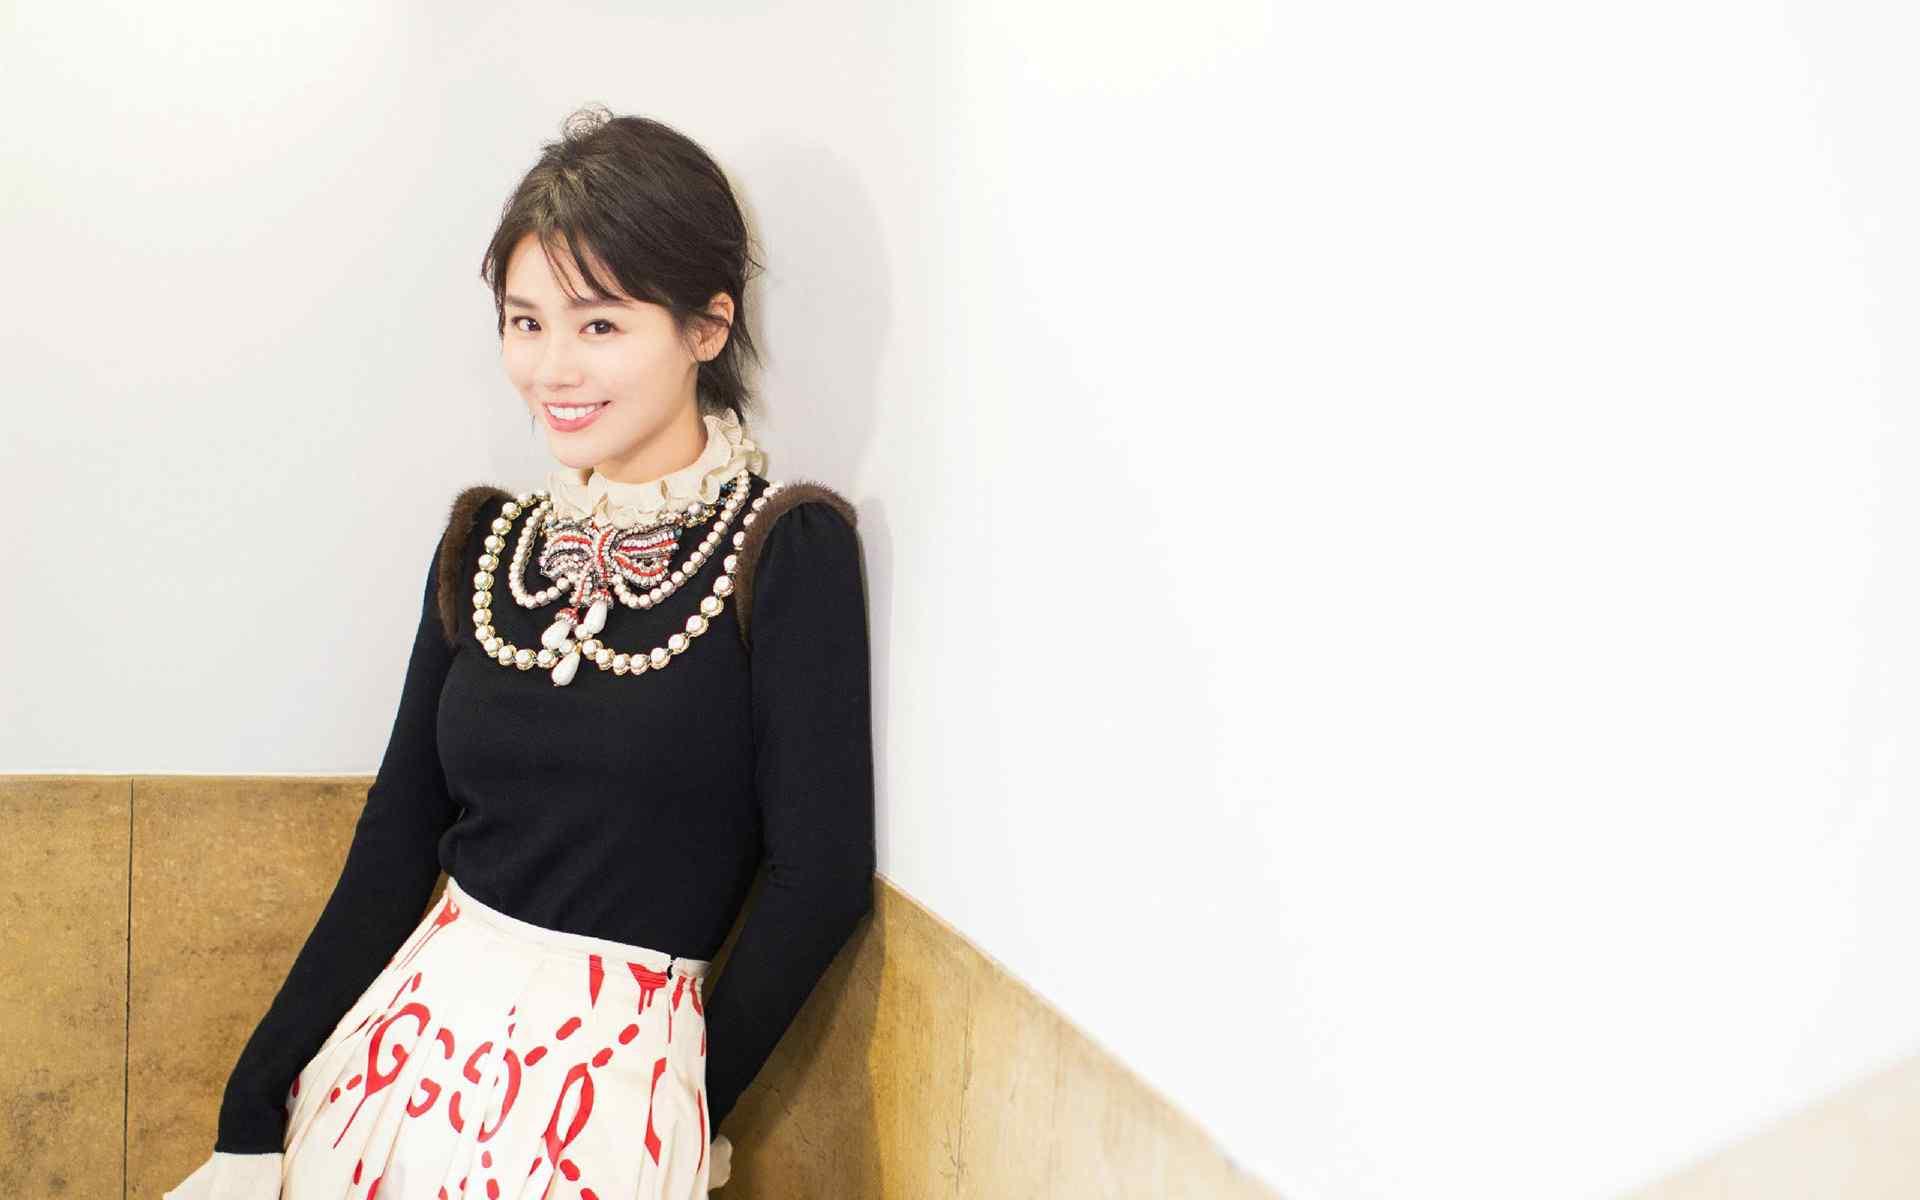 马思纯时装周时尚写真高清壁纸